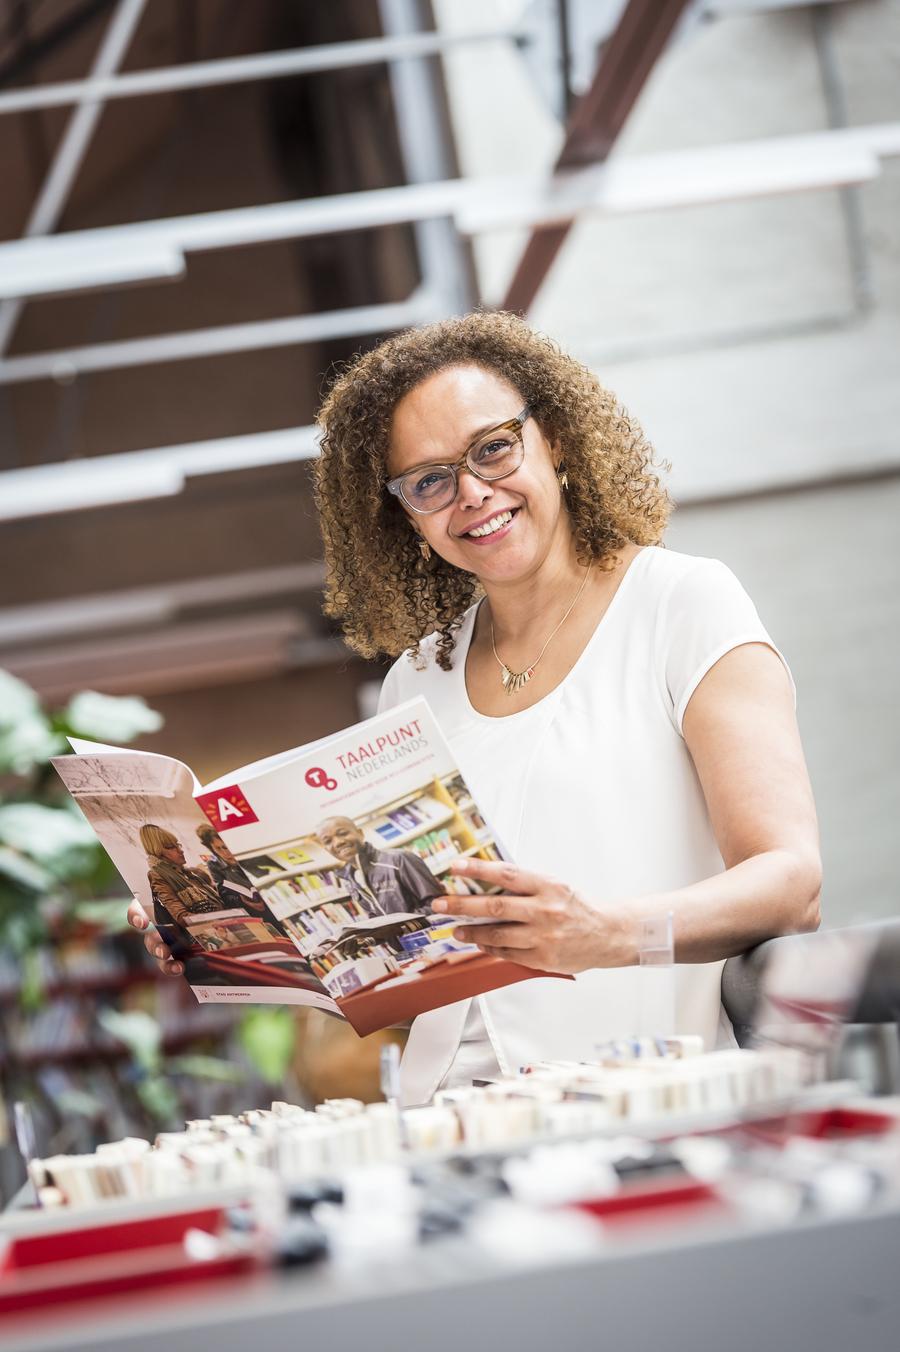 Brigitte poseert met een brochure Taalpunten voor docenten.